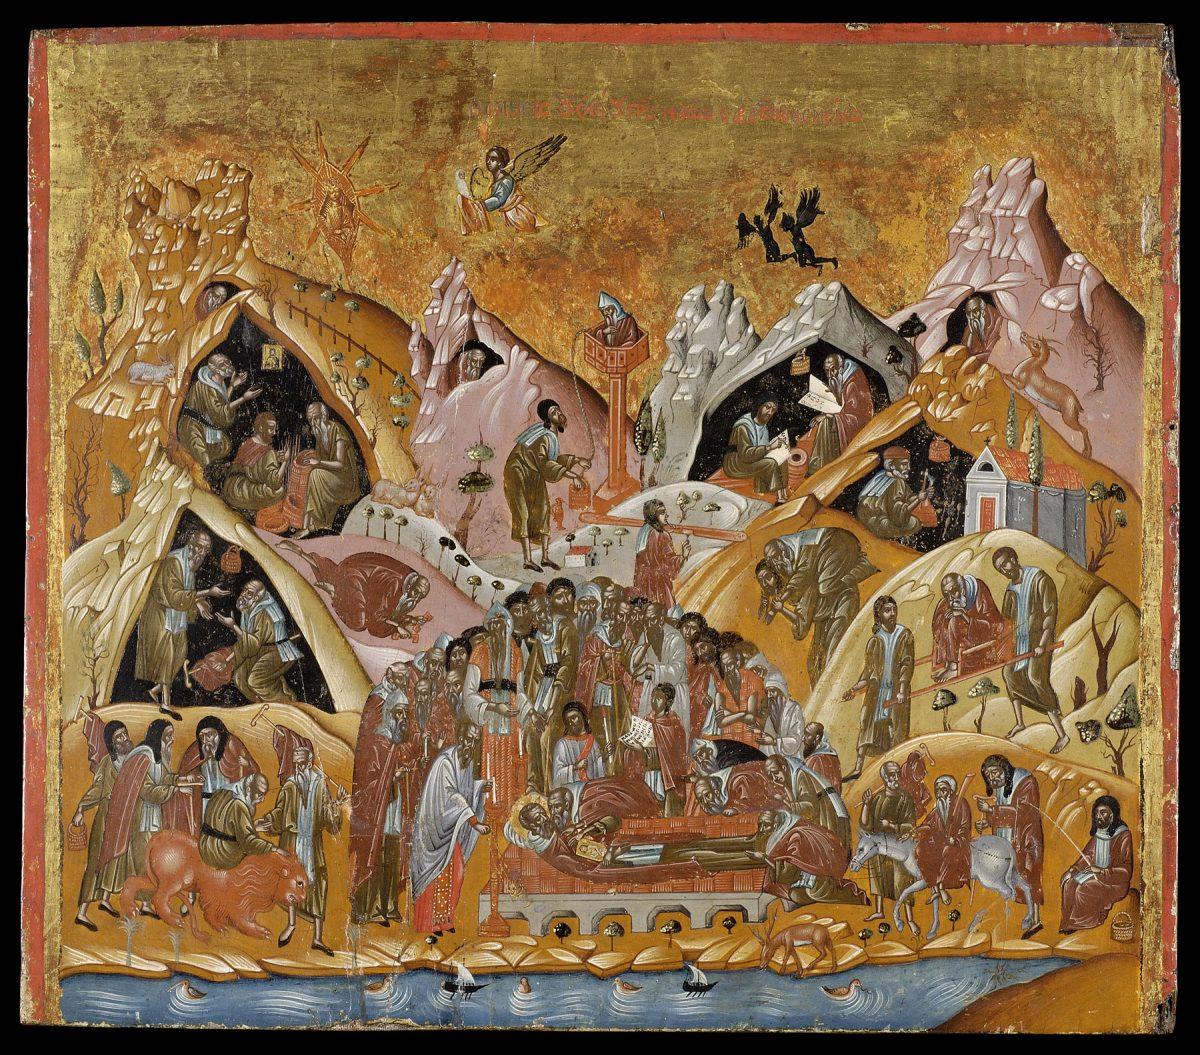 Εικ. 12. Η Κοίμηση του οσίου Σάββα. Αυγοτέμπερα σε ξύλο. Κρητικό εργαστήριο, τέλος 16ου–αρχές 17ου αι. Δωρεά Ελένης Σταθάτου. Μουσείο Μπενάκη Ελληνικού Πολιτισμού 21167. © Μουσείο Μπενάκη Οι ασκητές στην εικόνα κατοικούν έναν εξιδανικευμένο τόπο αγιότητας παρόμοιο με τις βραχώδεις ερήμους της Παλαιστίνης και του Σινά.